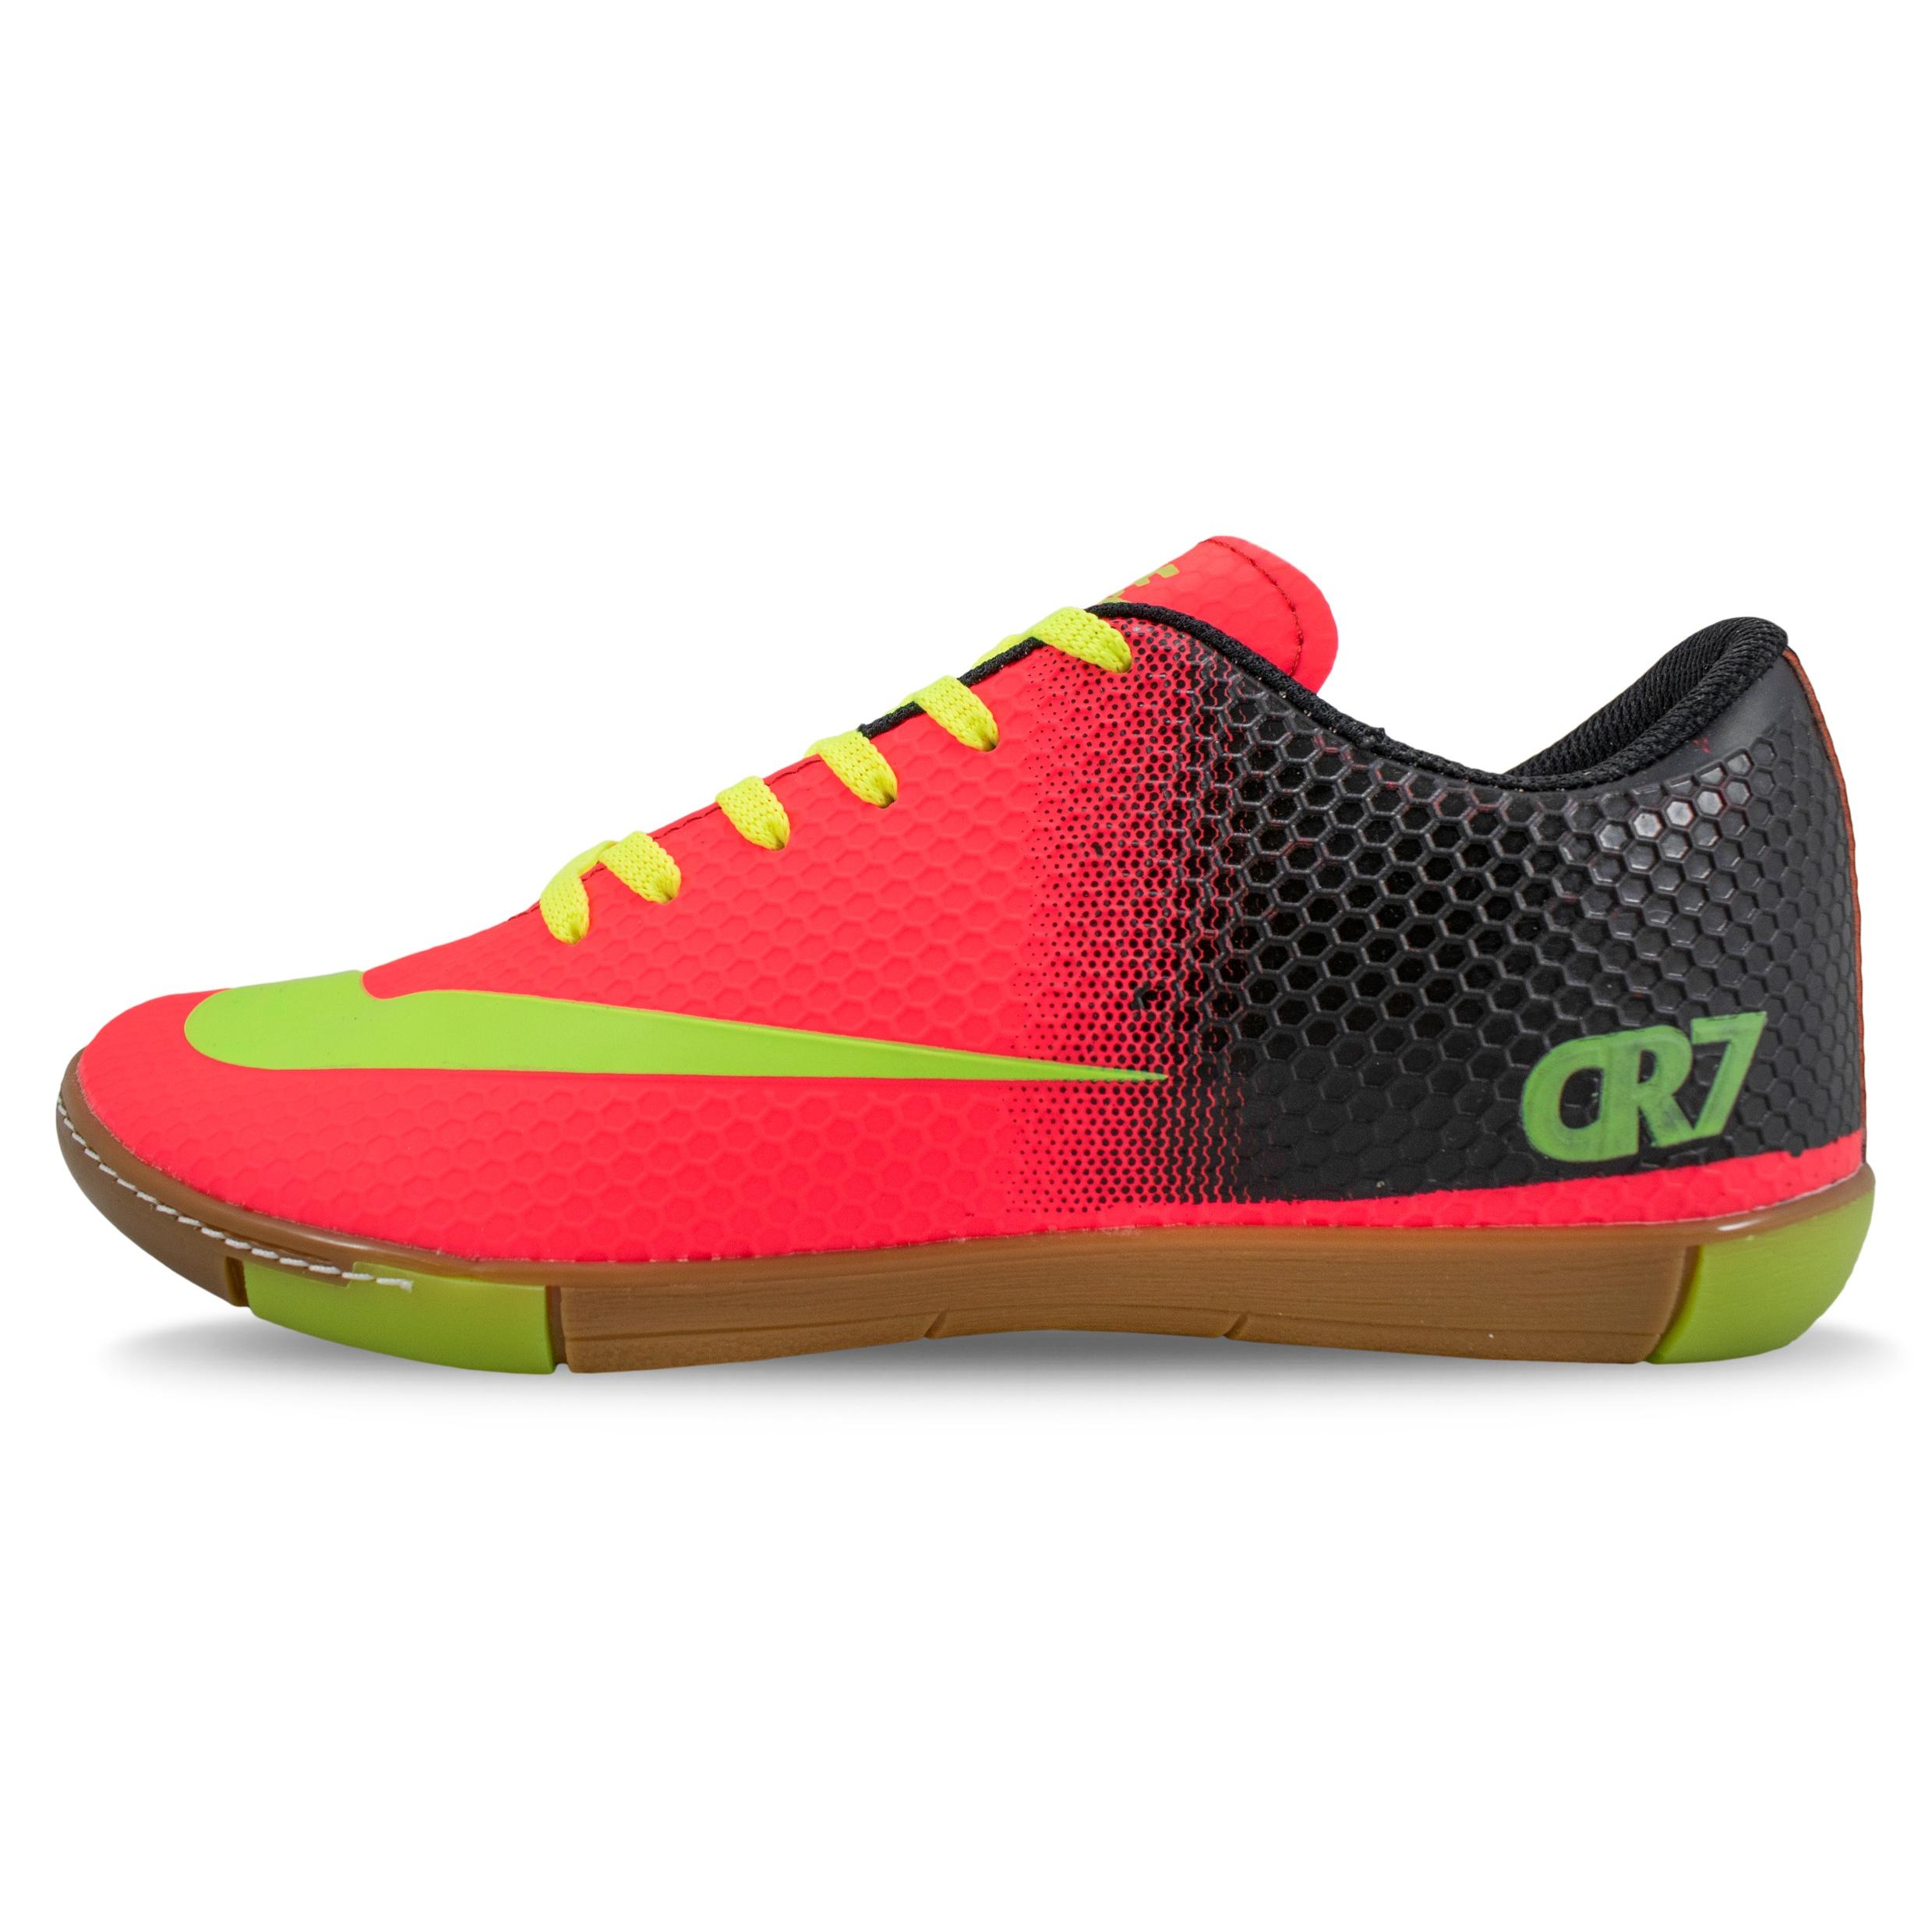 کفش فوتسال مردانه کد B5454